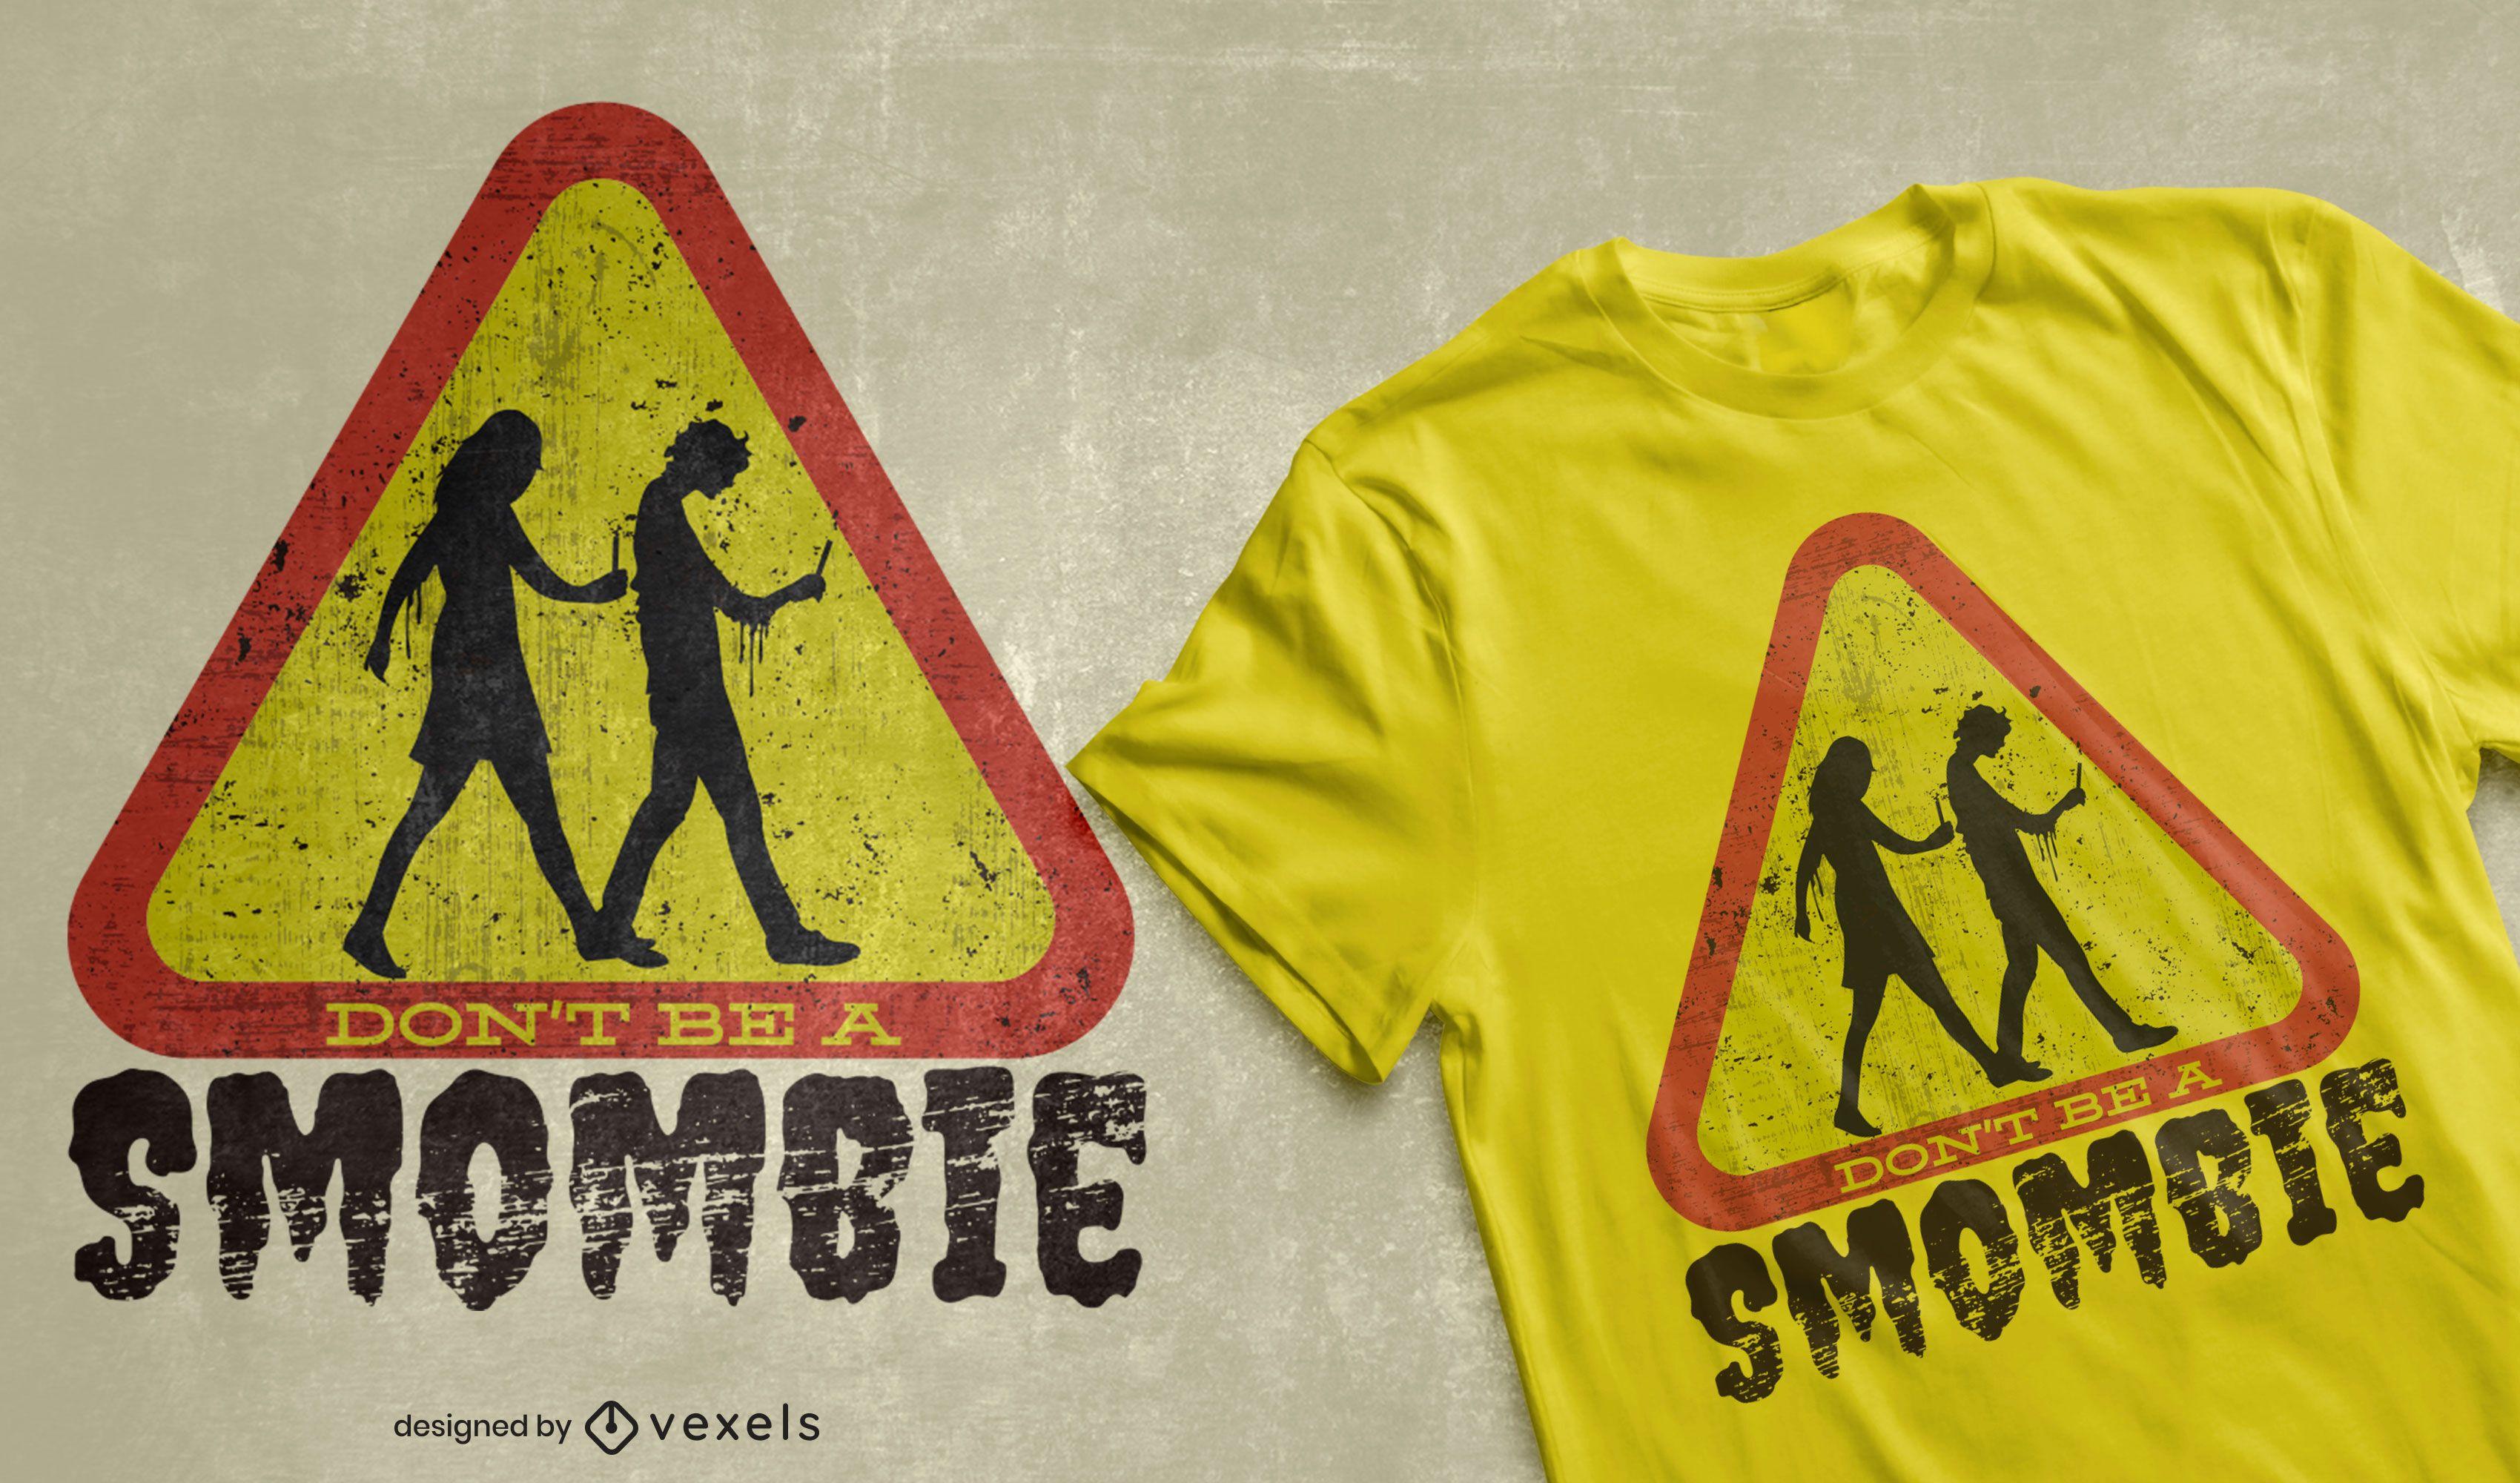 Handy-Zombie-Straßenschild-T-Shirt-Design